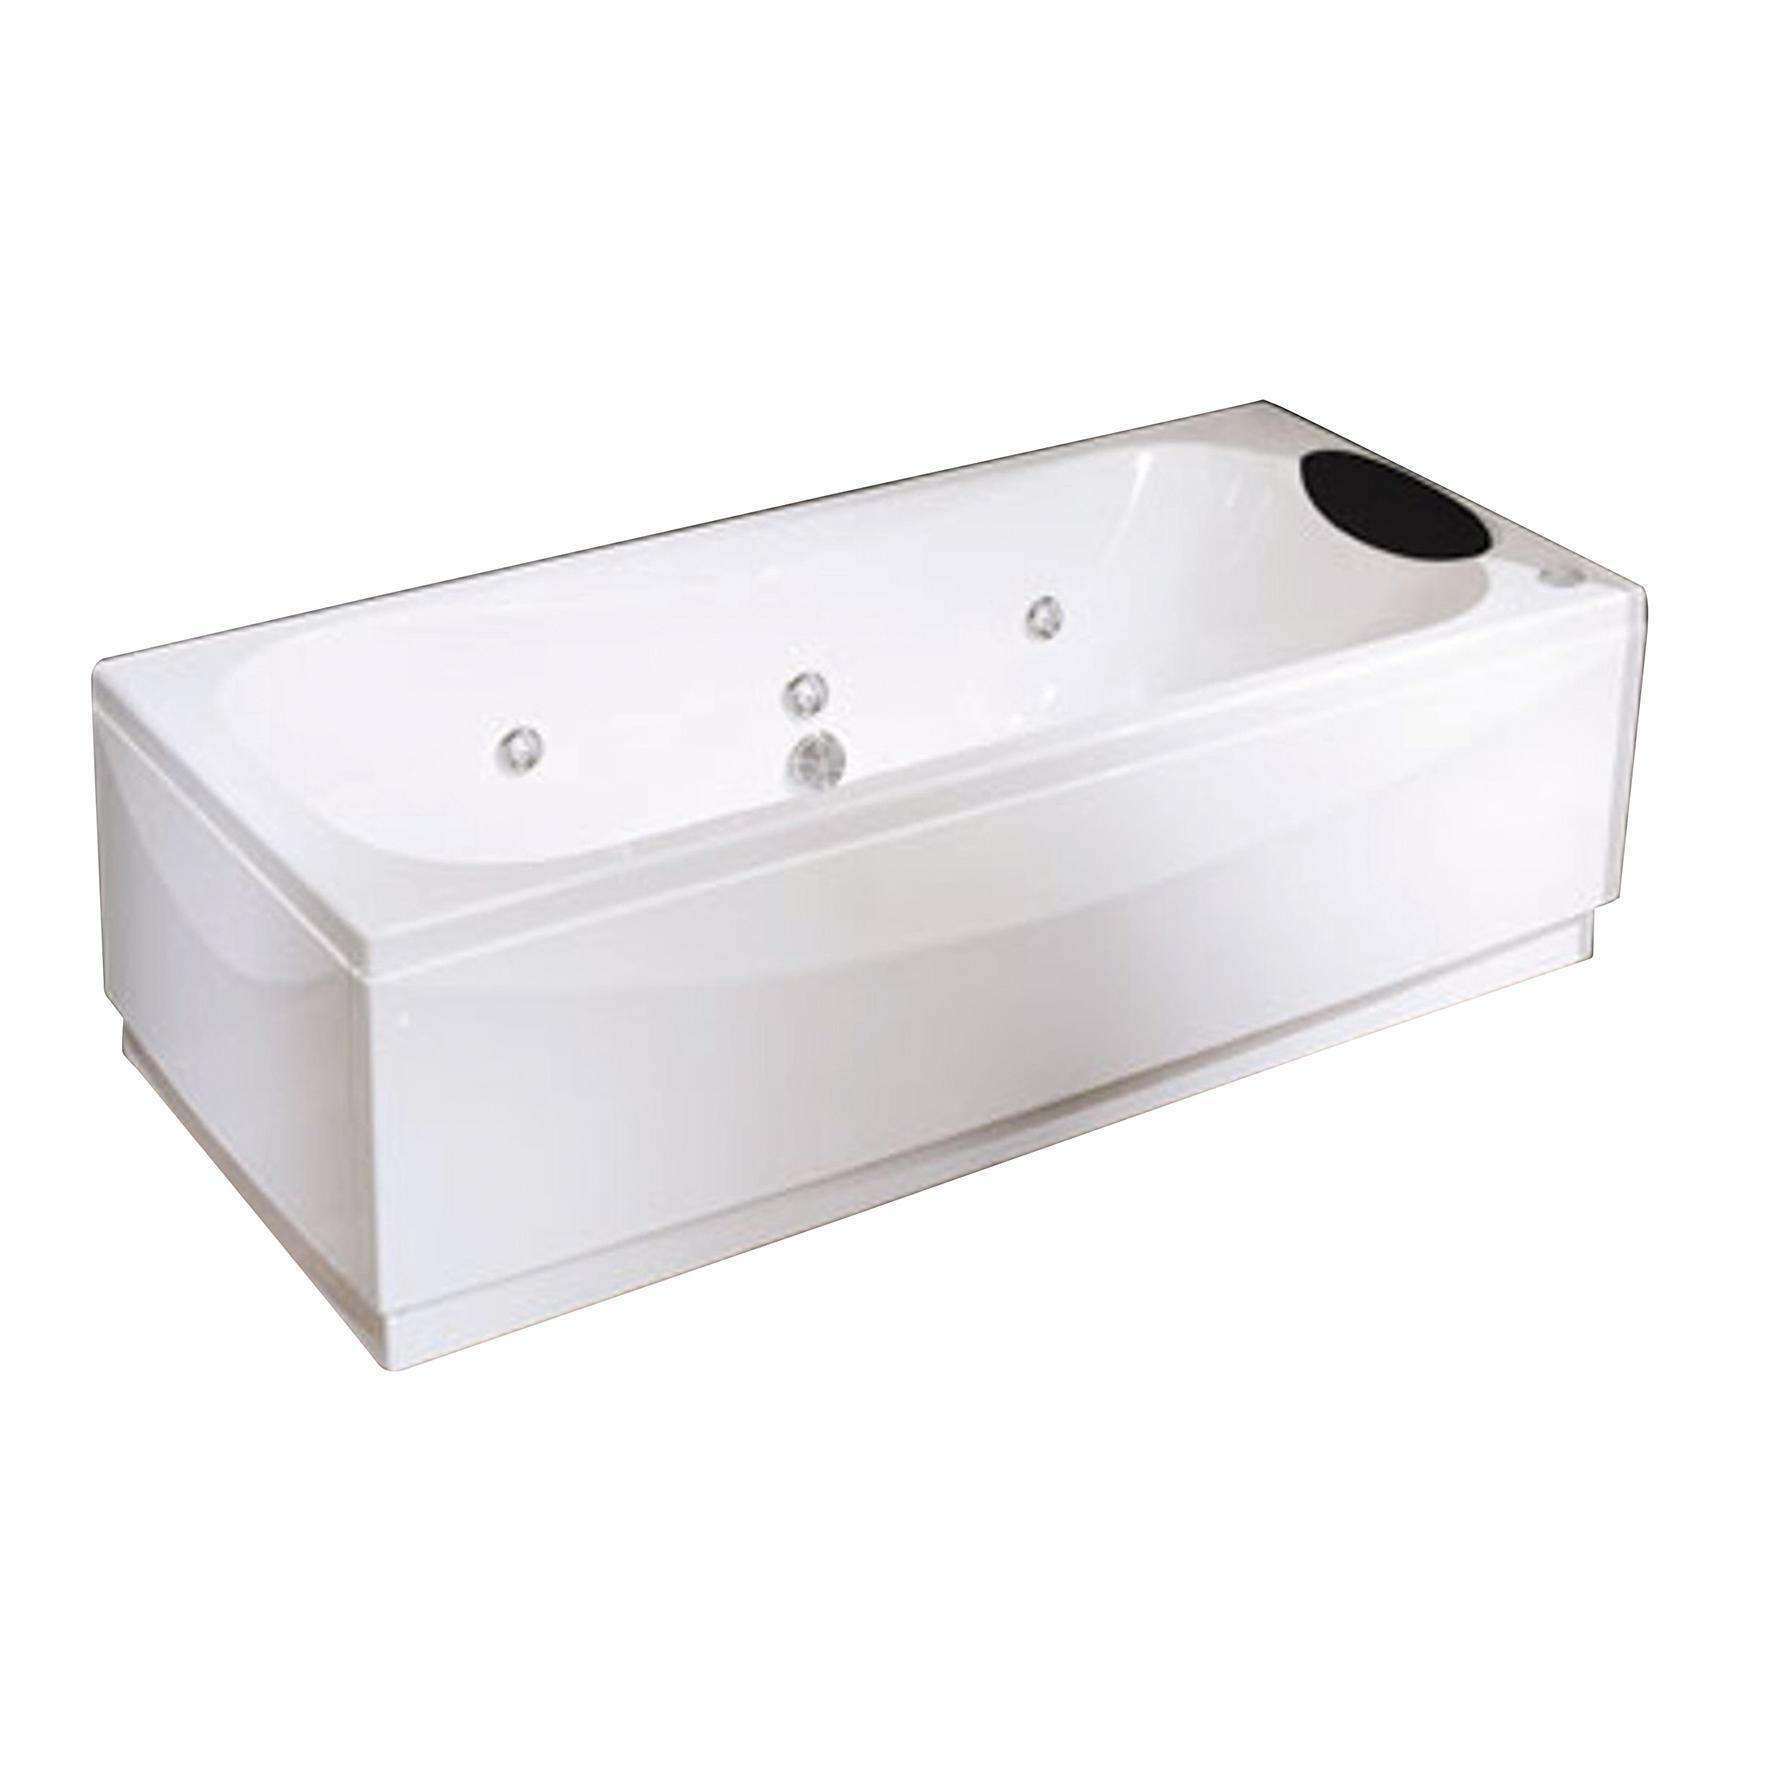 Vasca idromassaggio rettangolare Egeria,bianco ,170, 75 cm, 6 bocchette, - 4